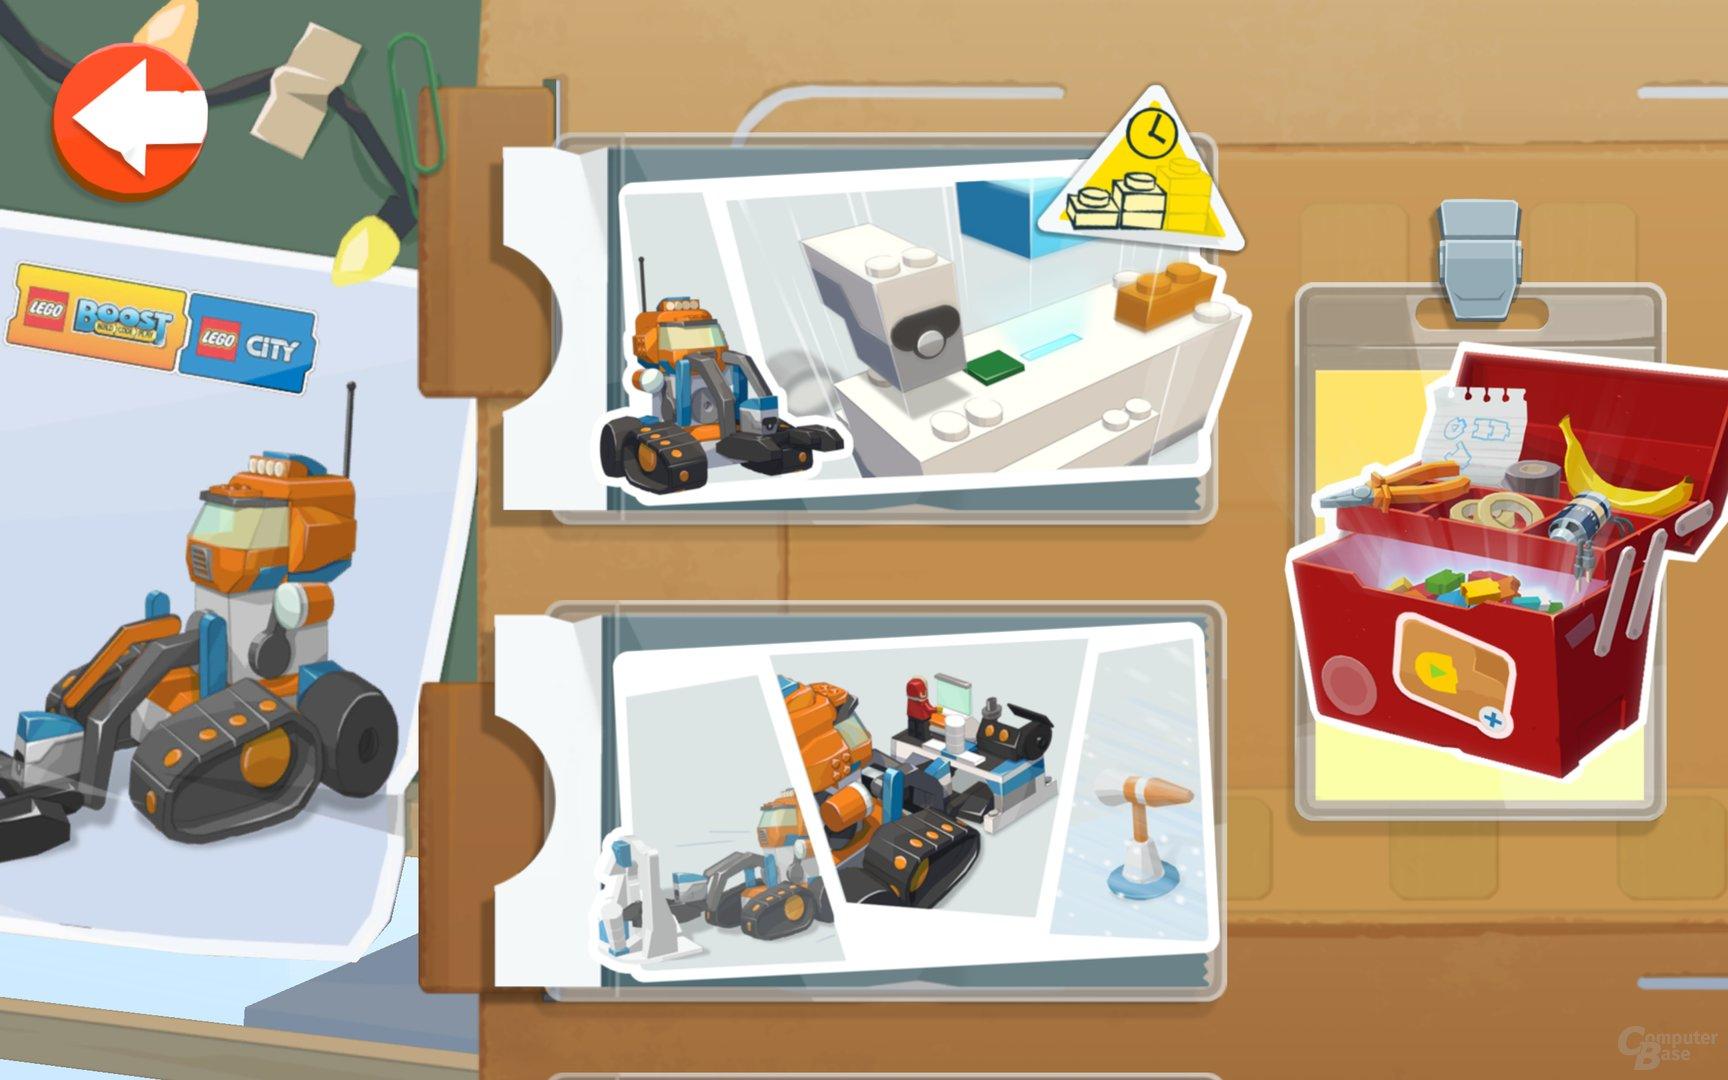 Der erweiterte Lego Arktis-Erkundungstruck 60192 im Boost-System